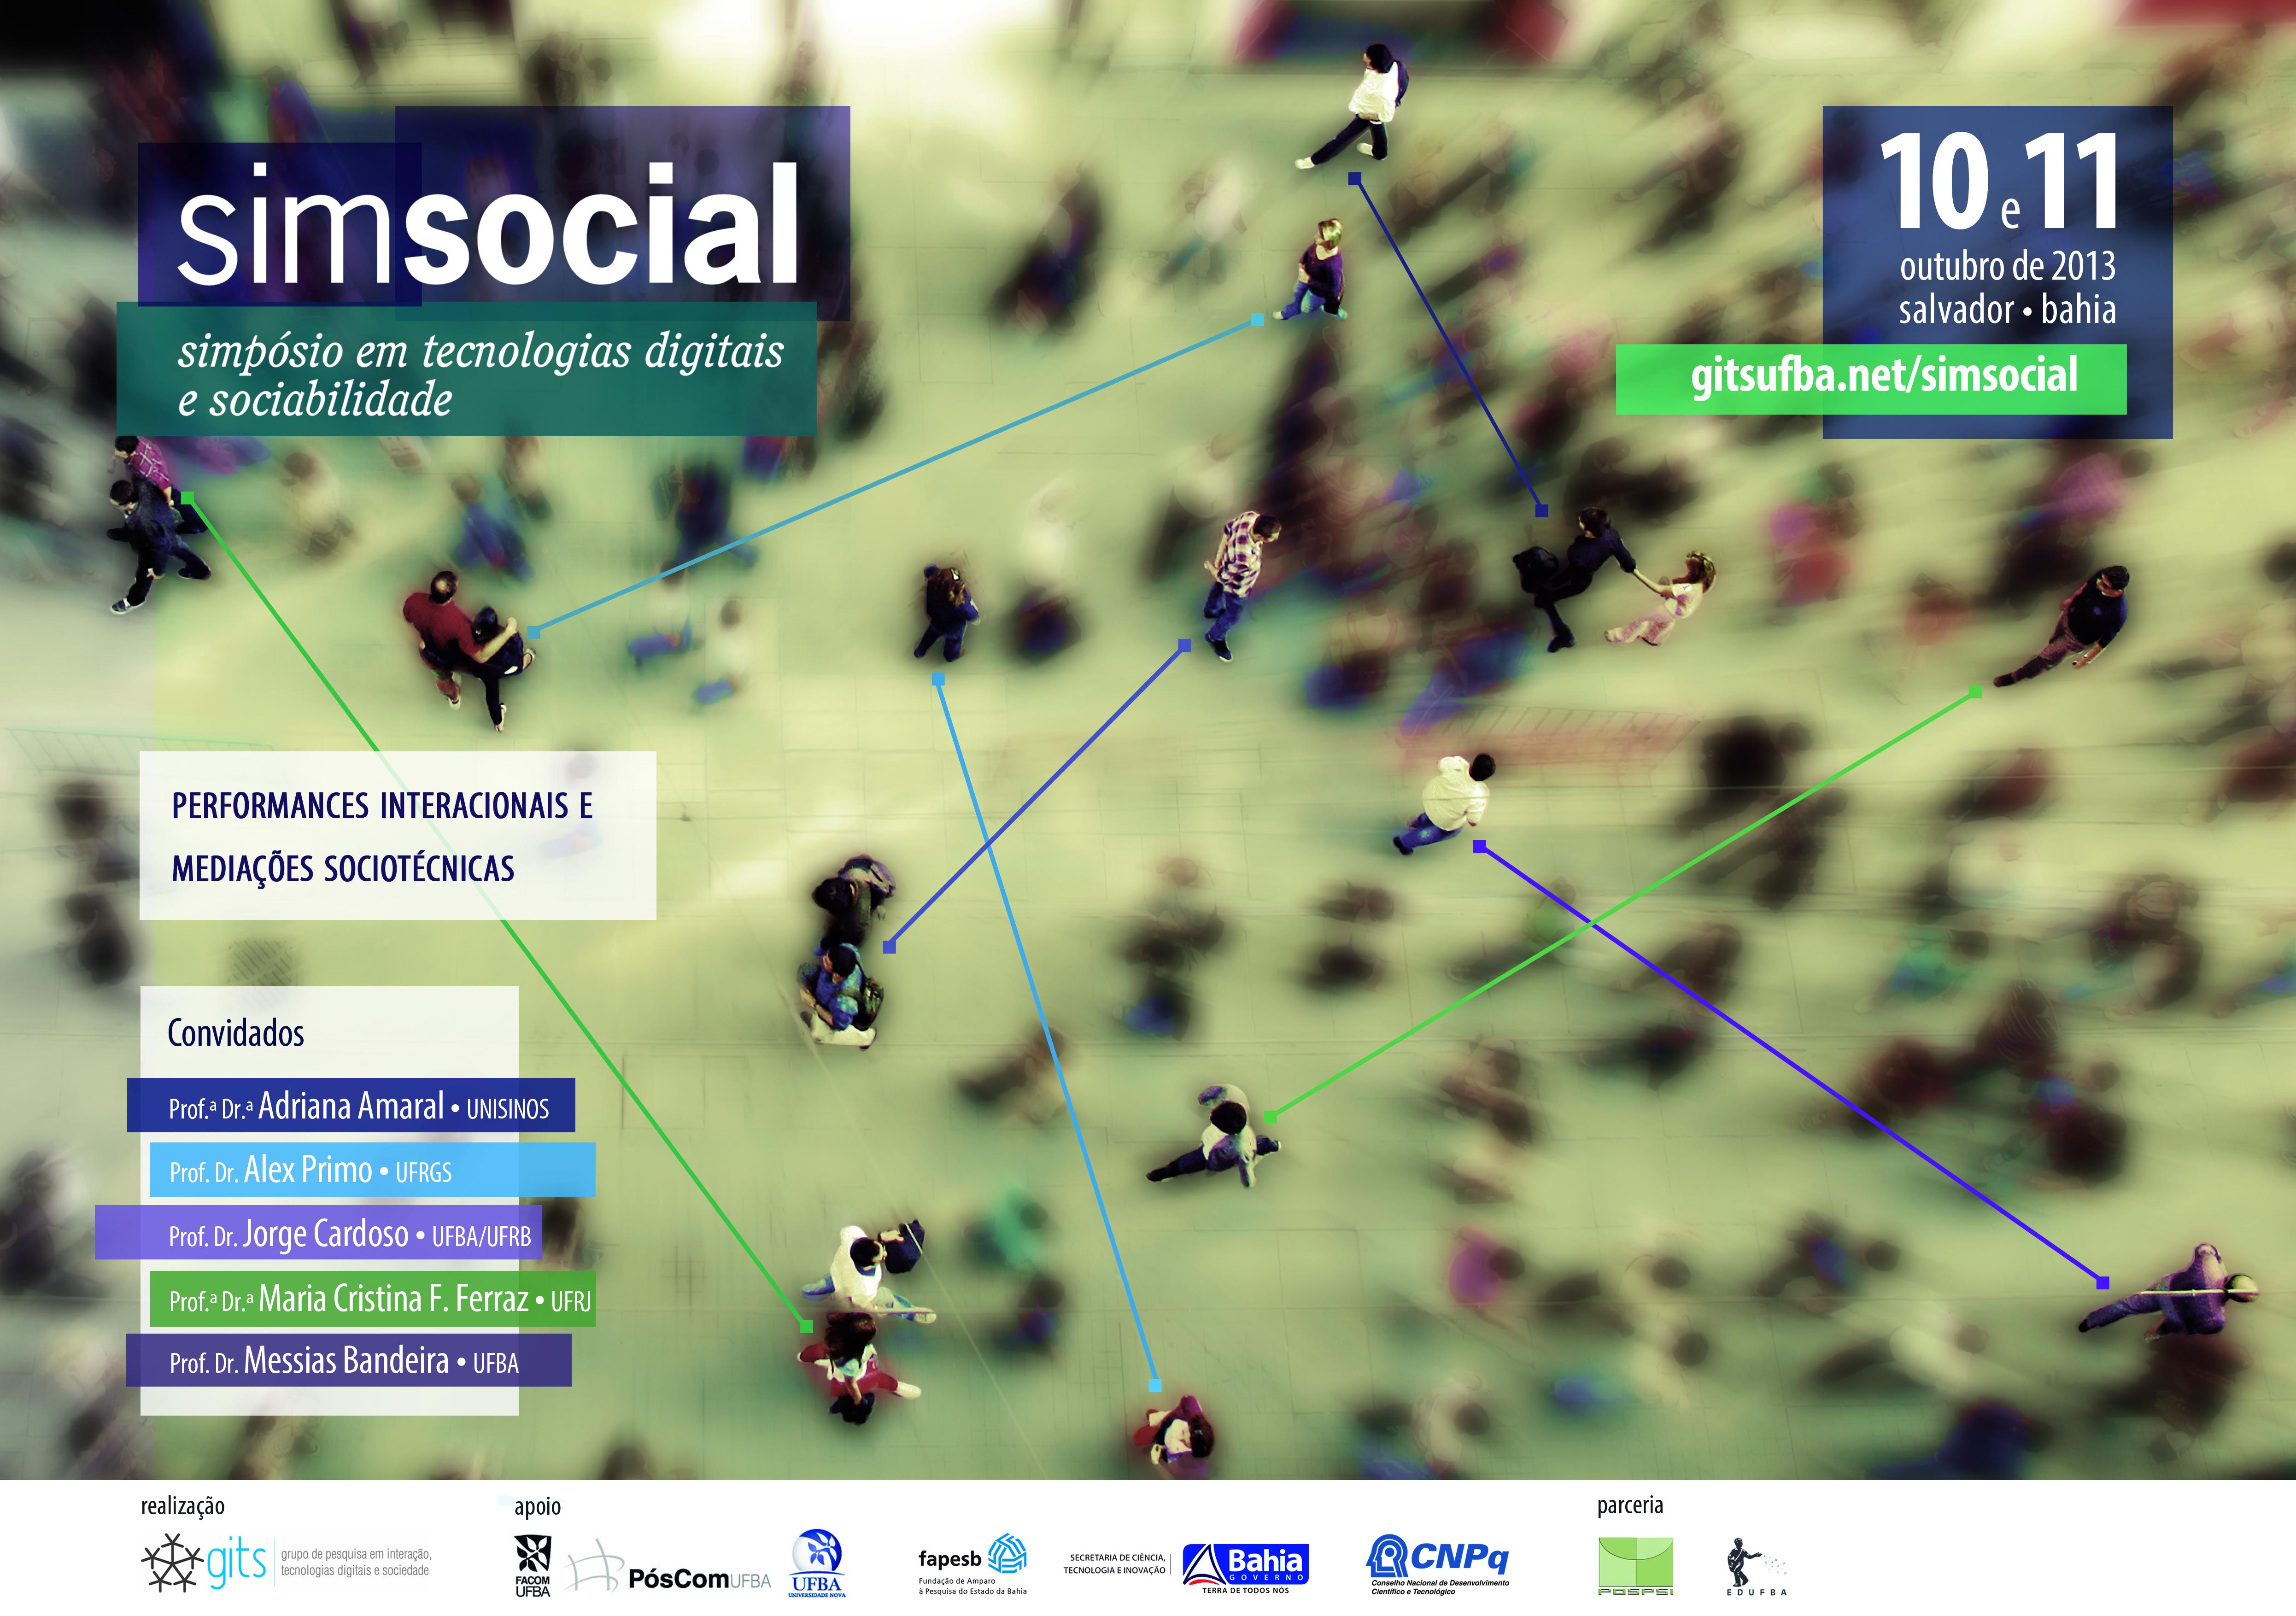 Simsocial2013_cartazconvidados